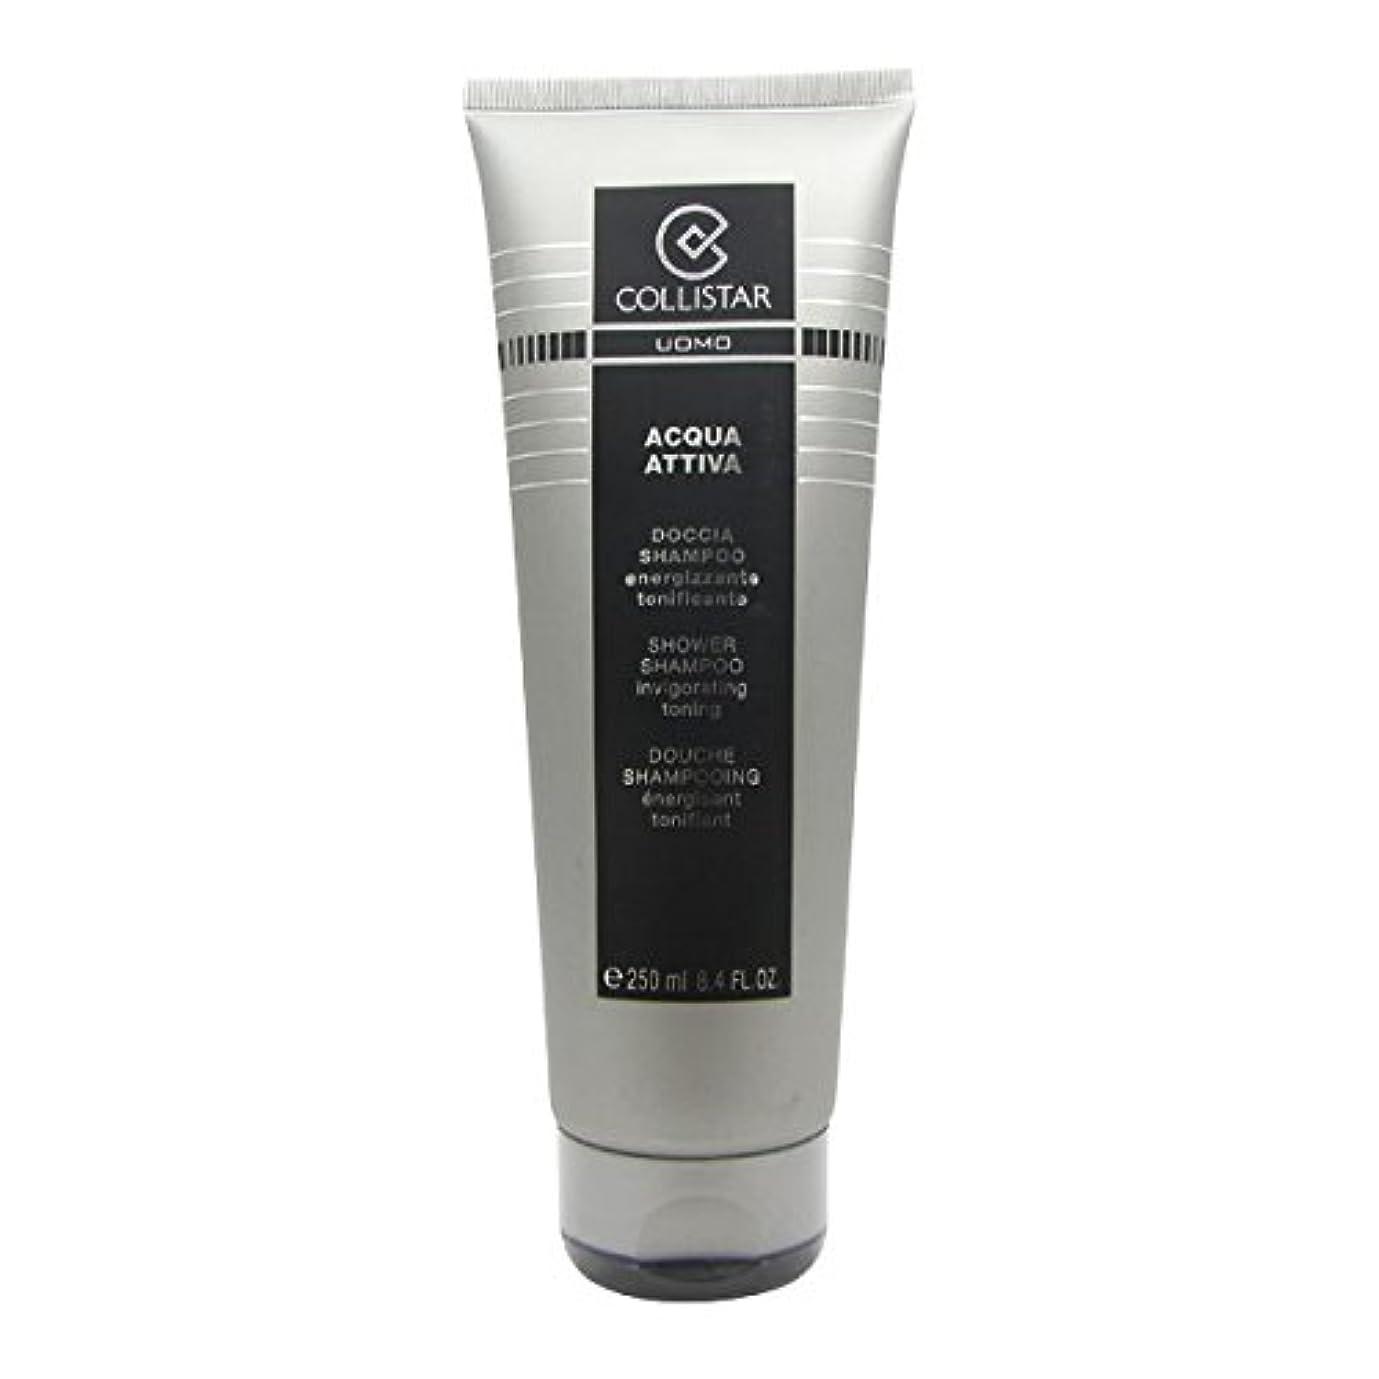 グループポータルセットアップCollistar Men Acqua Attiva Shower Shampoo 250ml [並行輸入品]